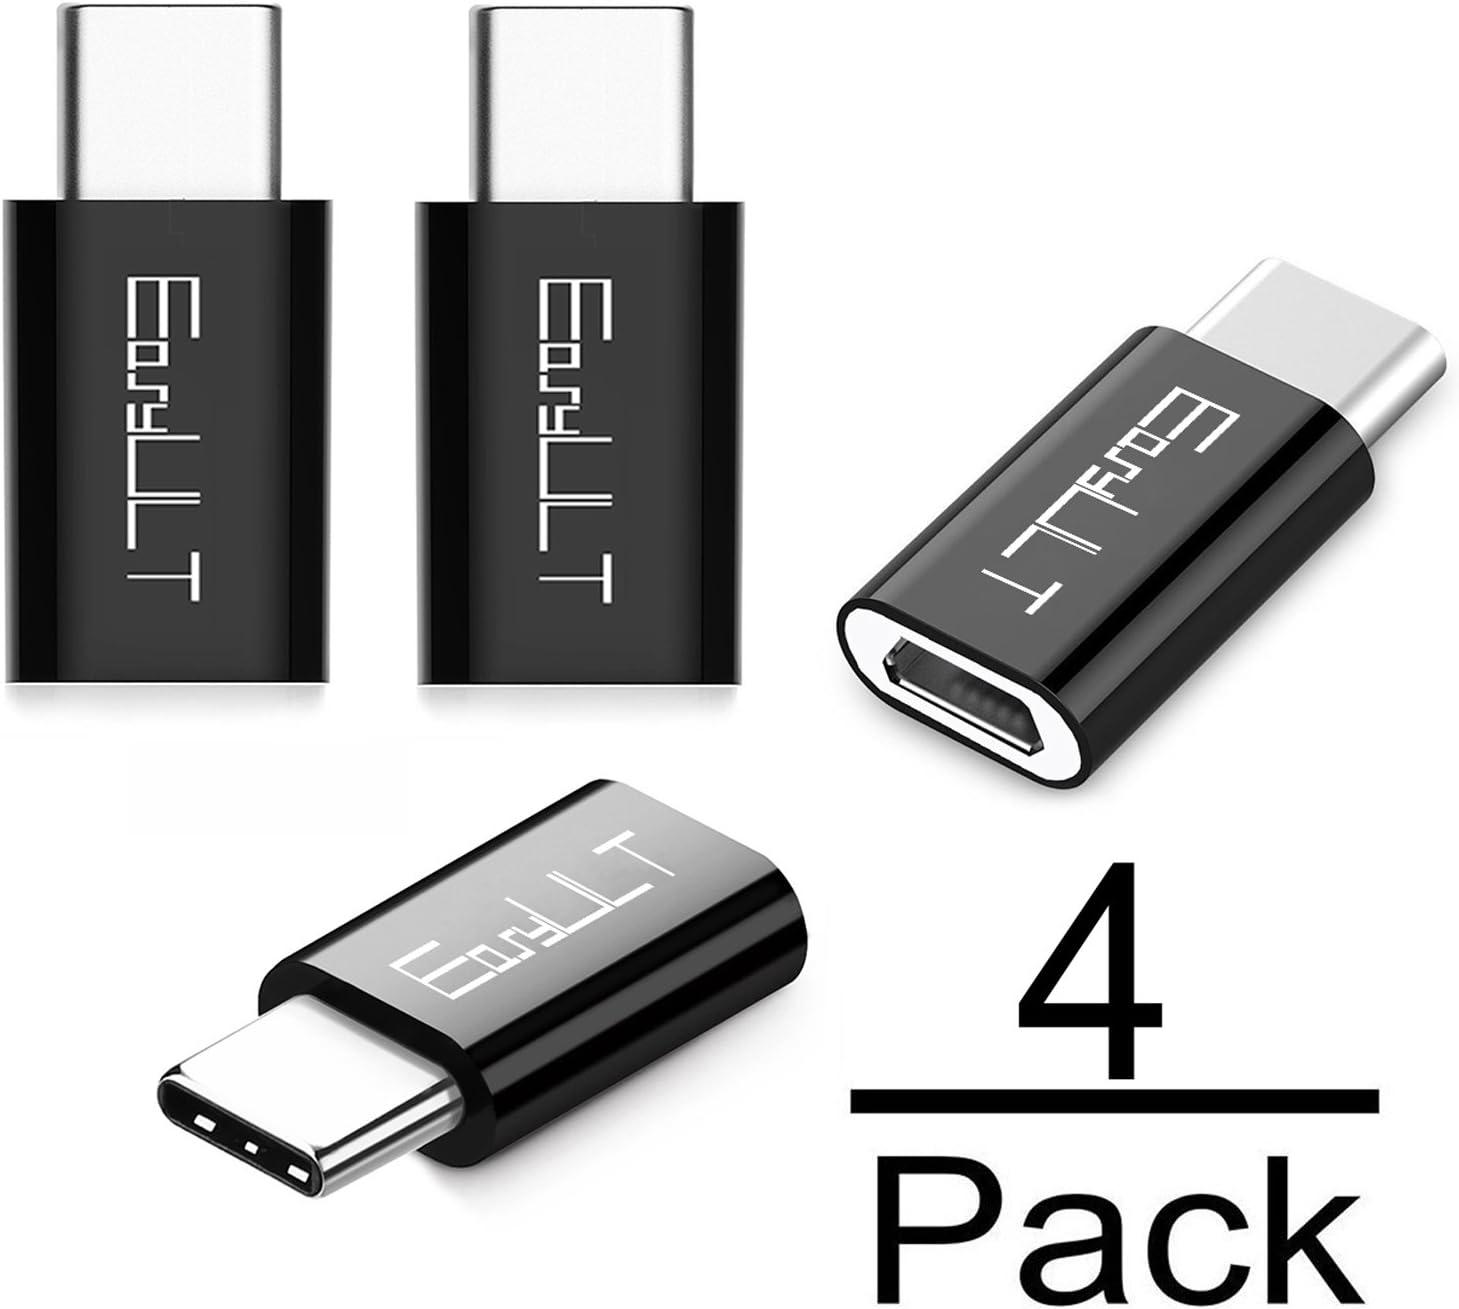 EasyULT Adaptador USB C, 4 Pack Adaptador USB Type C a Micro USB Conector Convertidor para Transferencia de Datos para XiaoMI, P20 Lite,Galaxy S9/S8 y más-Negro